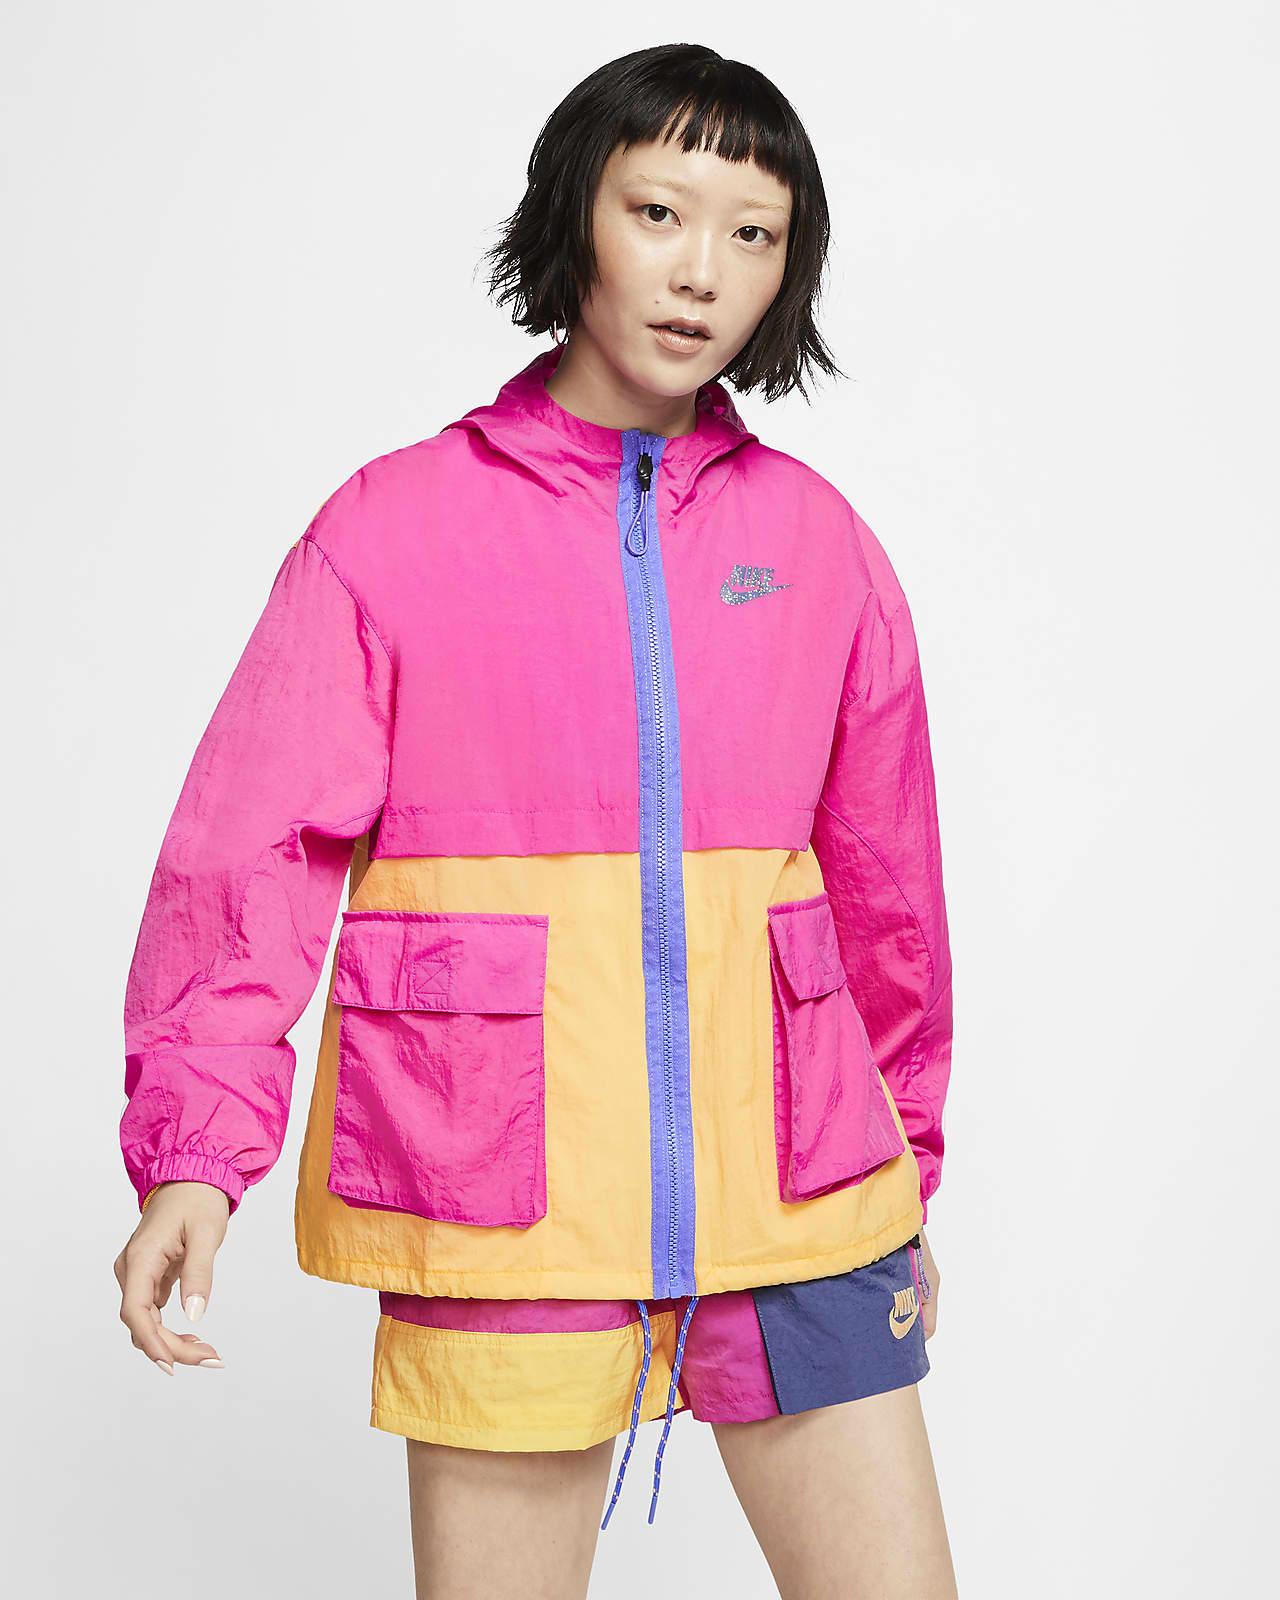 Nike Sportswear Icon Clash Women's Woven Jacket